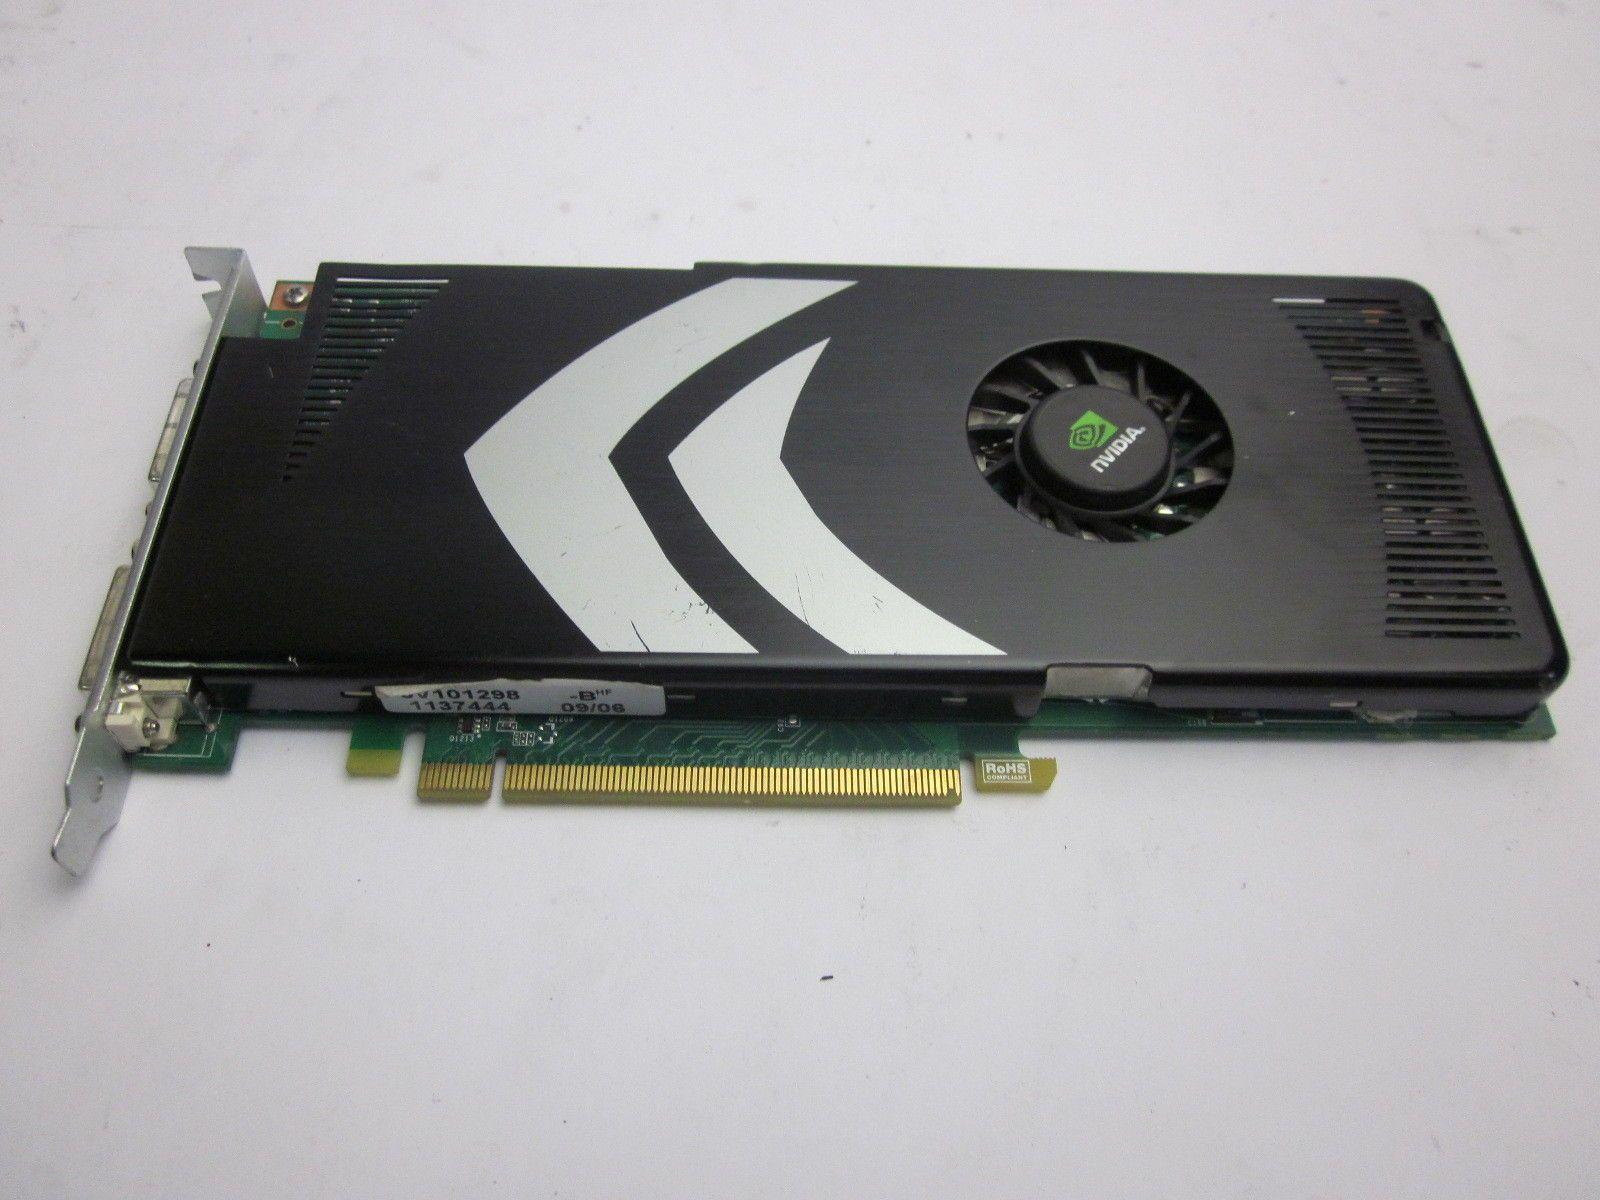 Dell 0J359K Nvidia GeForce 9800GT 512MB GDDR3 PCIe Dual DVI-I Video Card READ